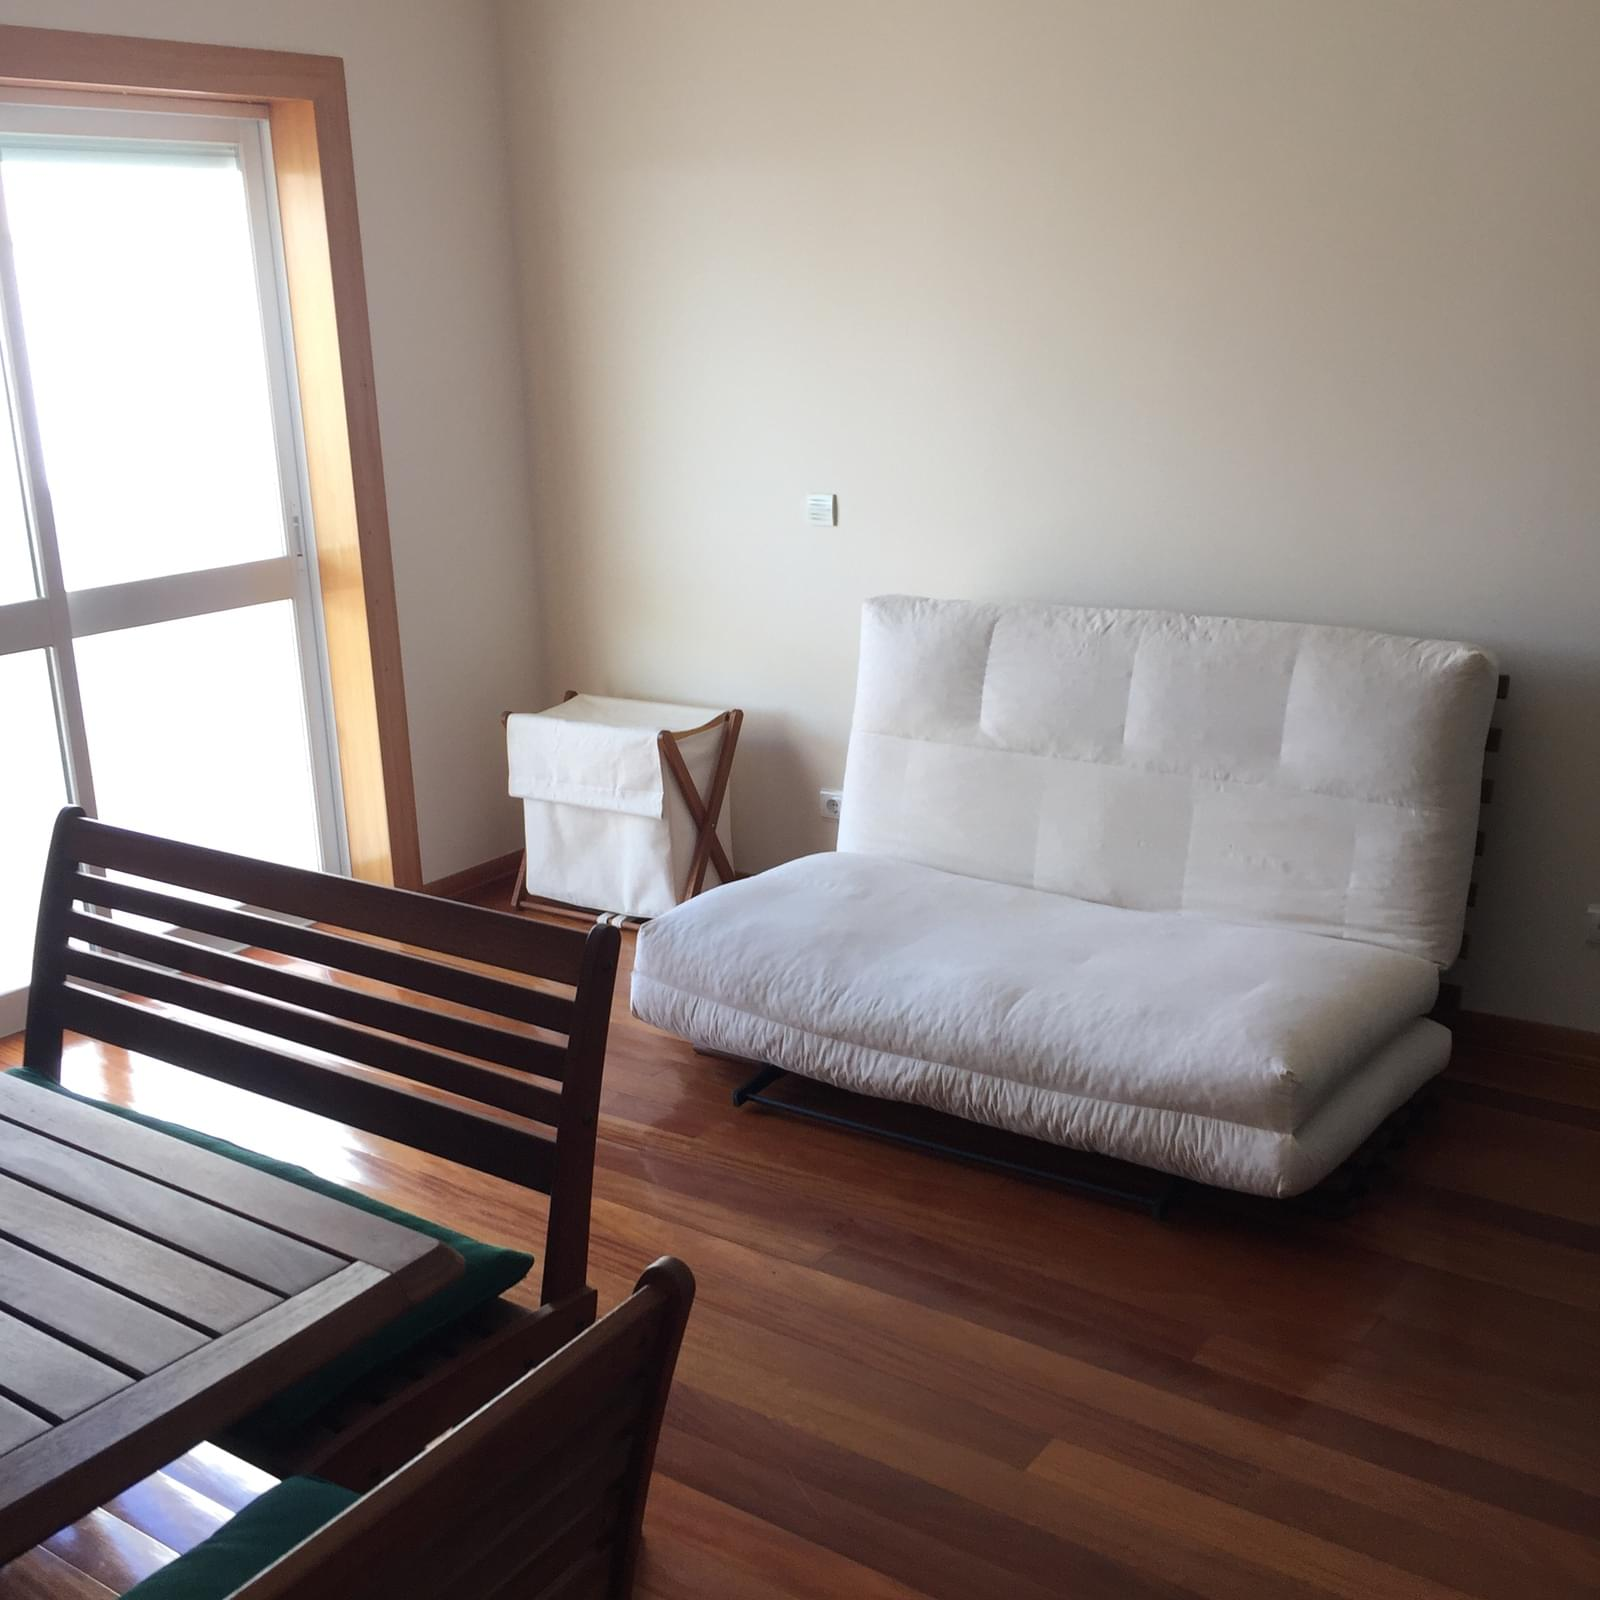 pf18450-apartamento-t3-cascais-85c56034-2466-48cc-a387-1de676889f2c